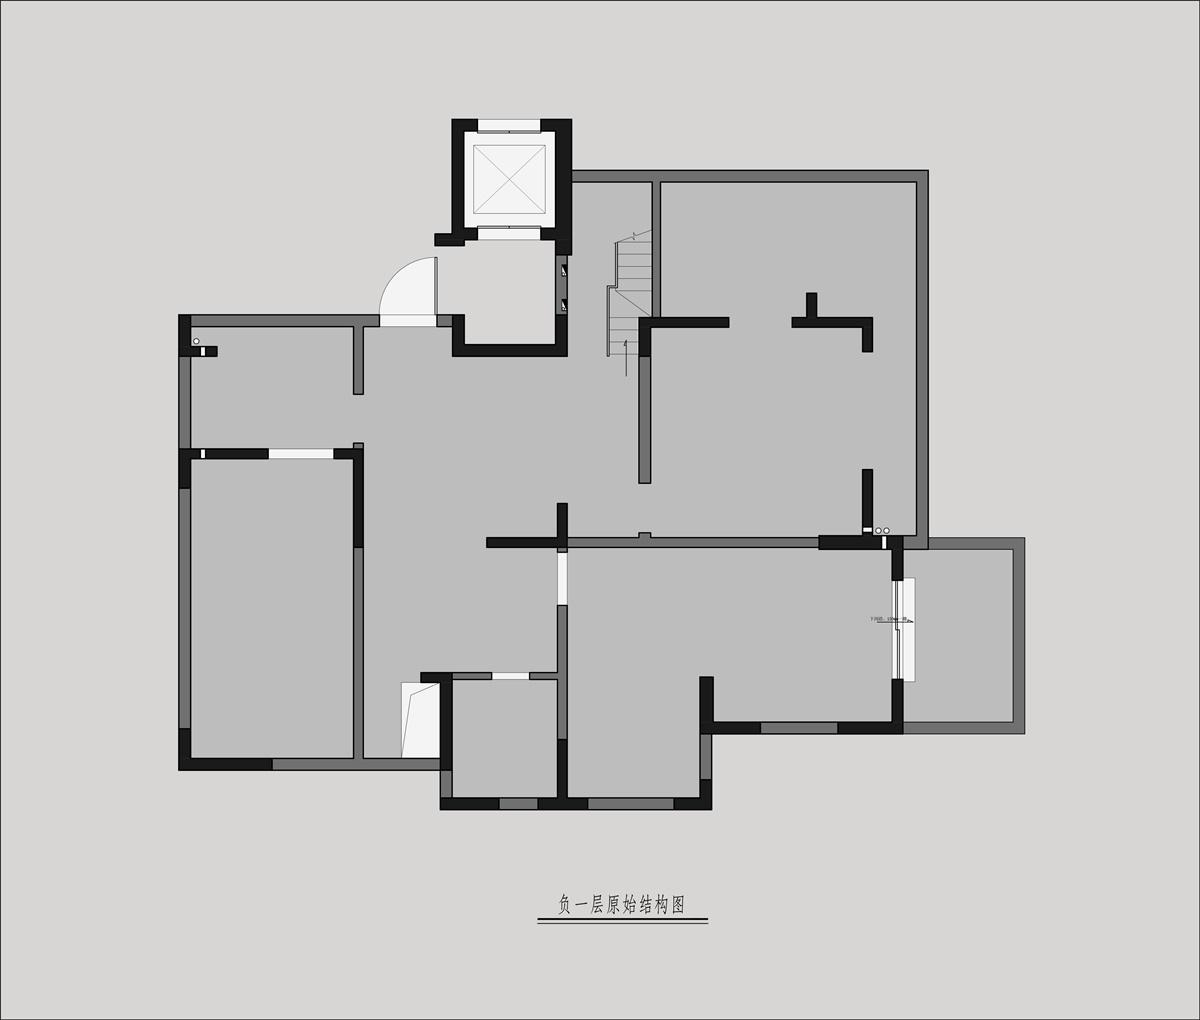 高科荣境品苑356㎡现代简约风格装修实景装修设计理念